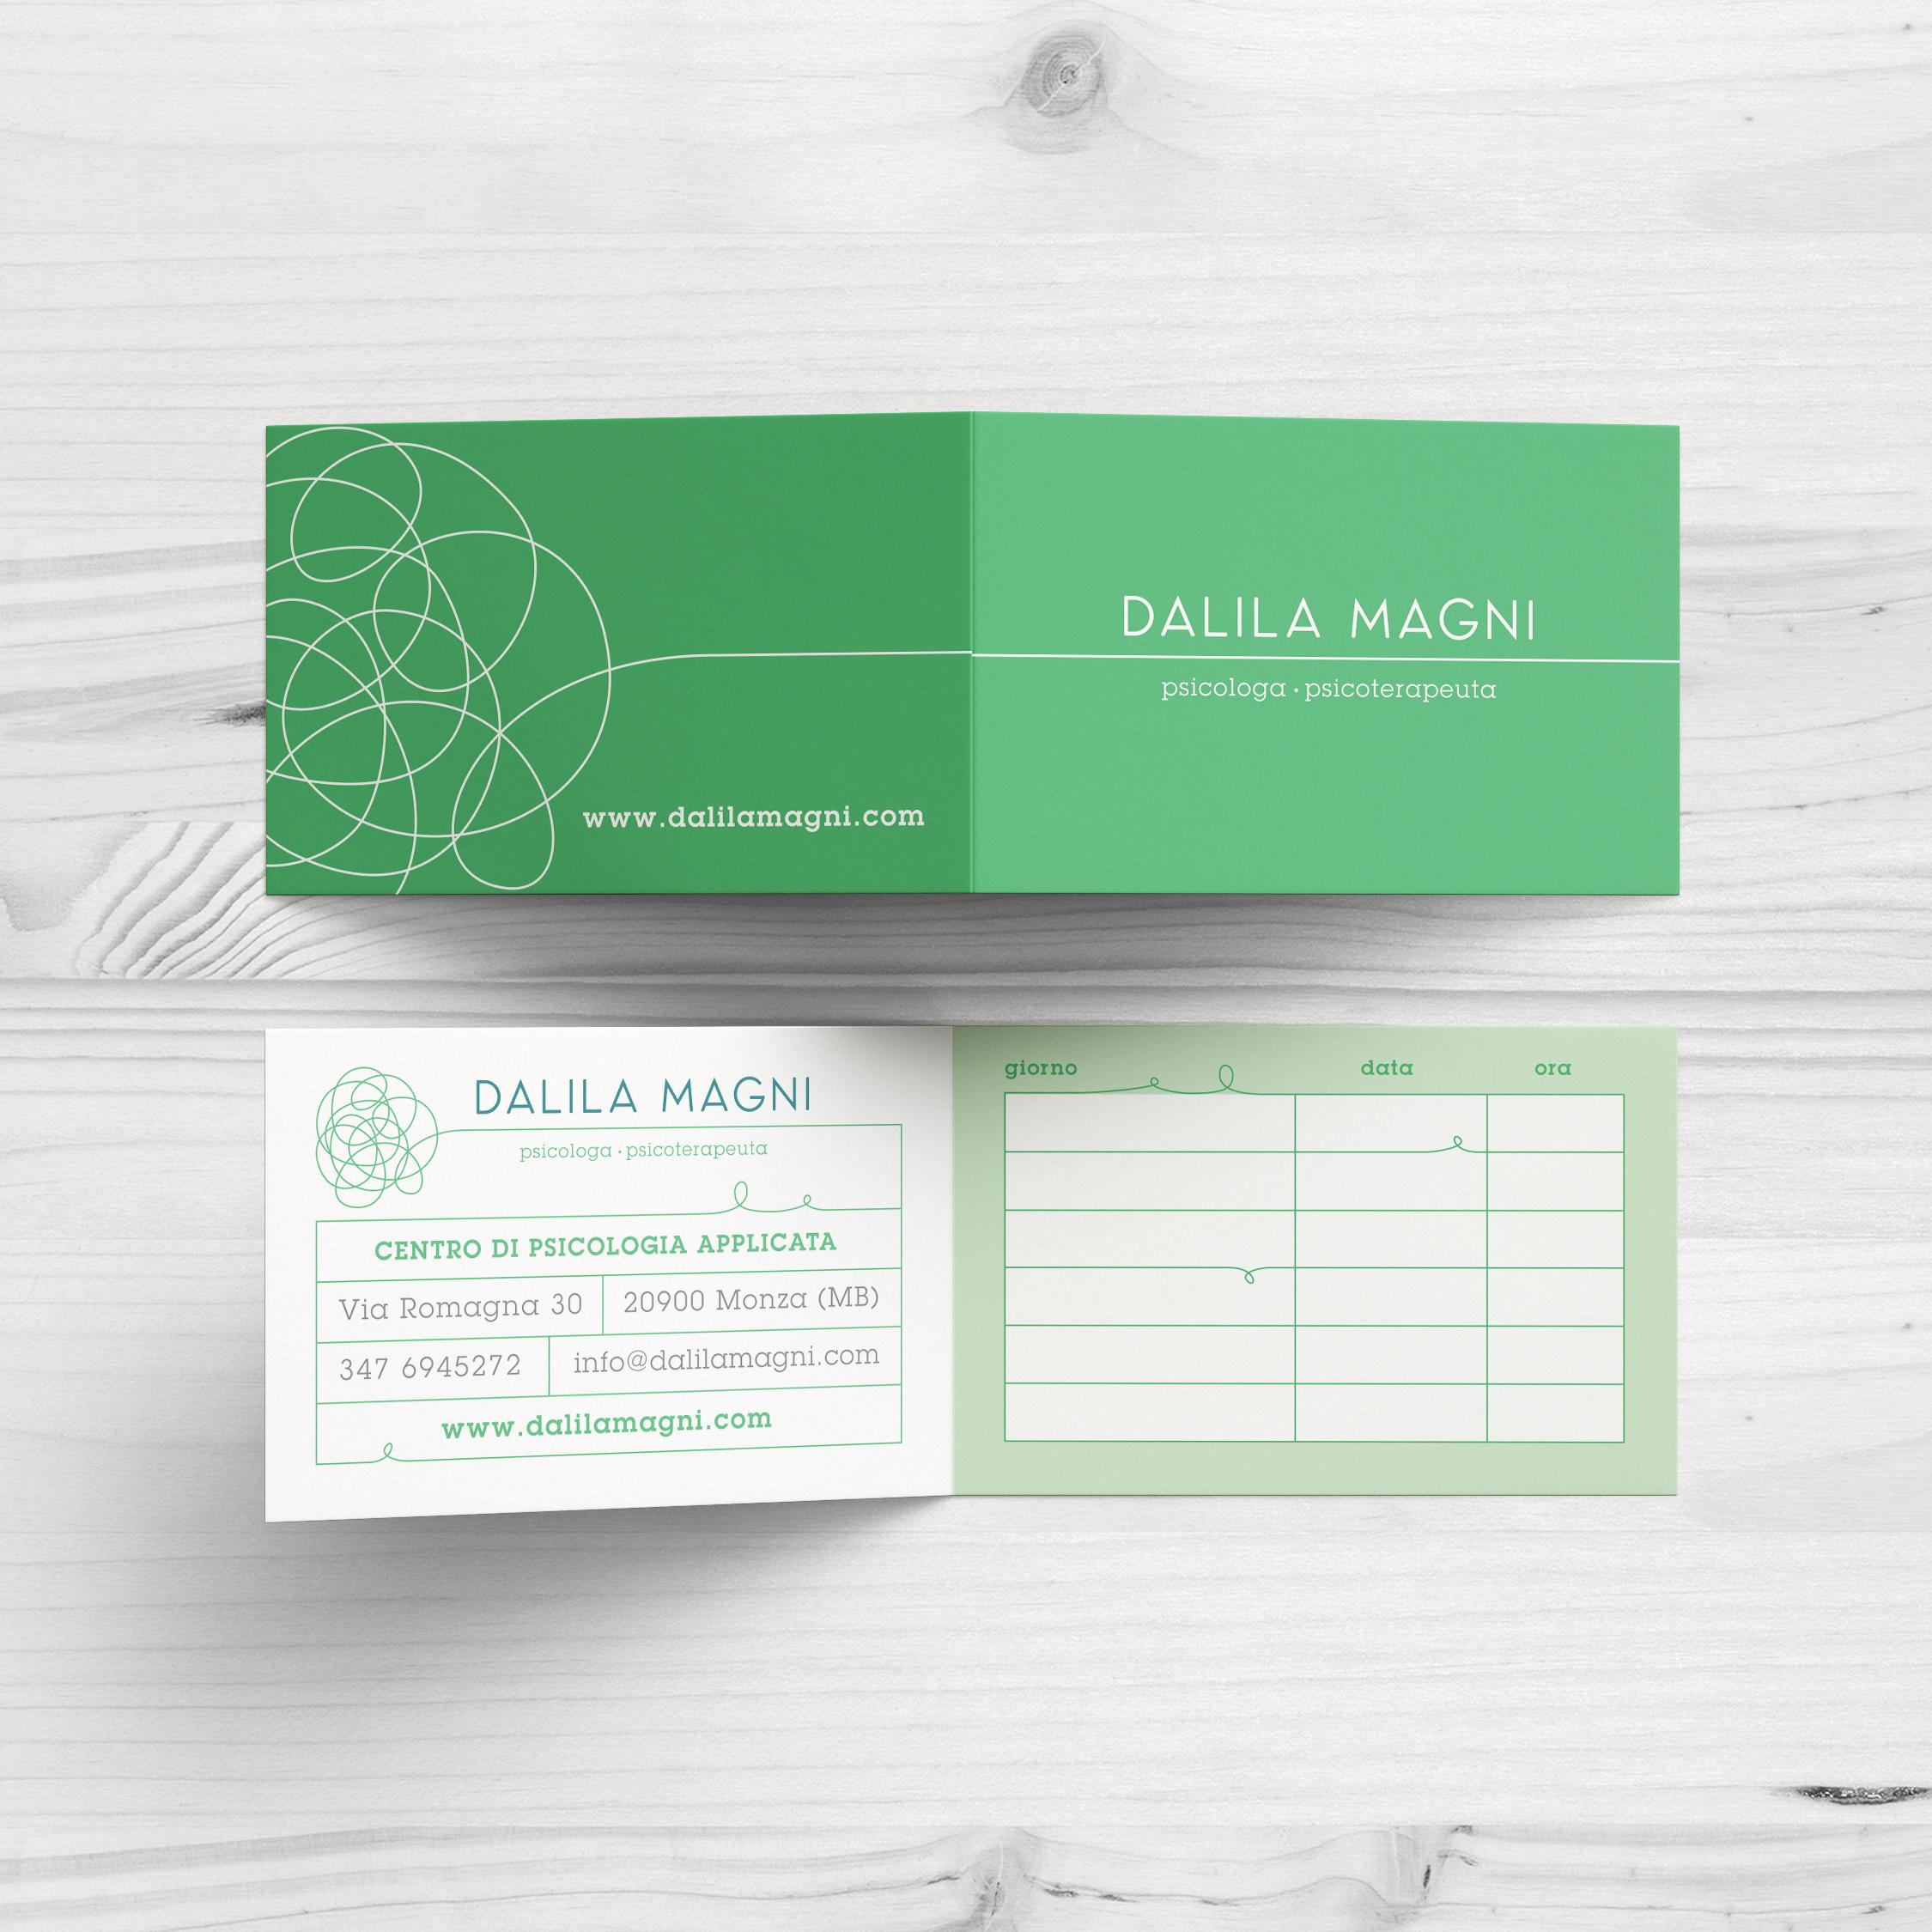 biglietti da visita Dalila Magni psicologa